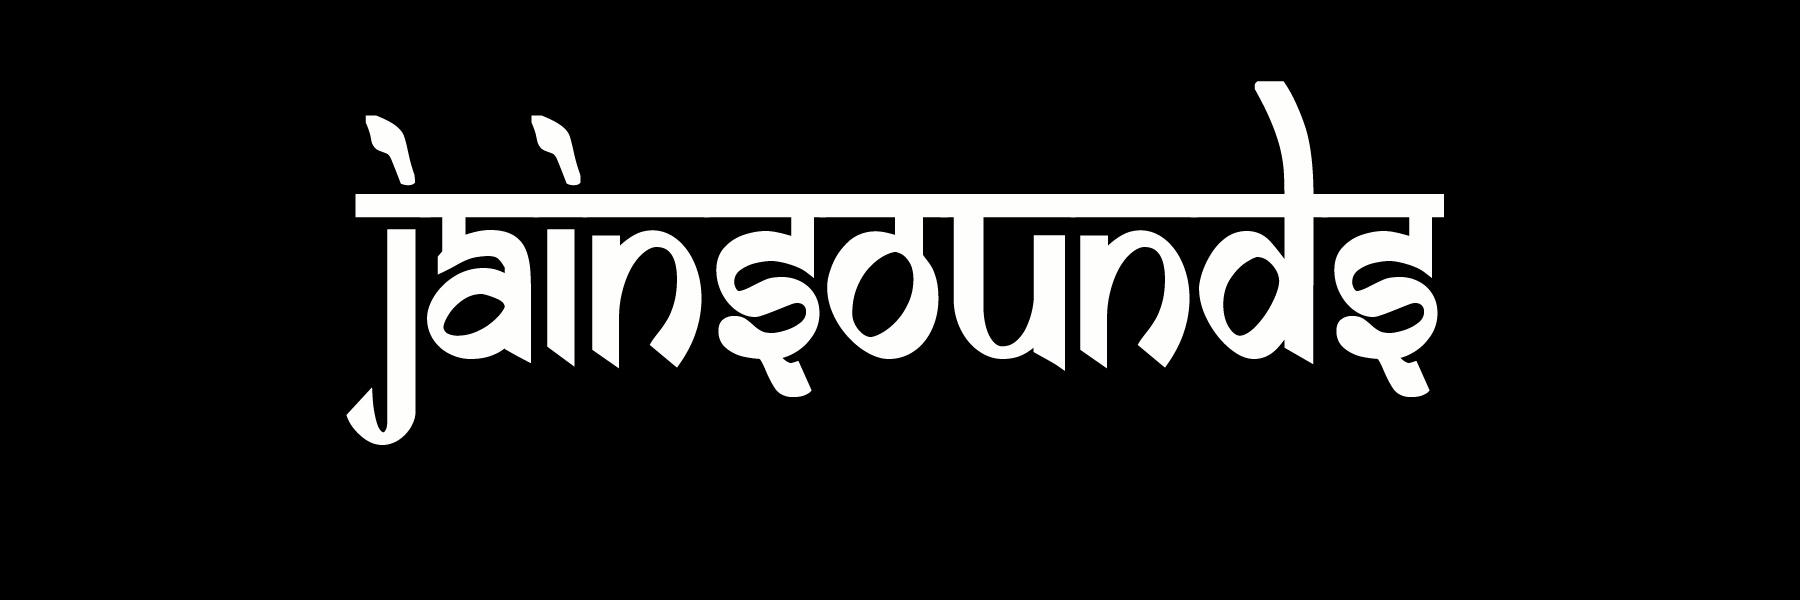 Jainsounds Logo - Partners